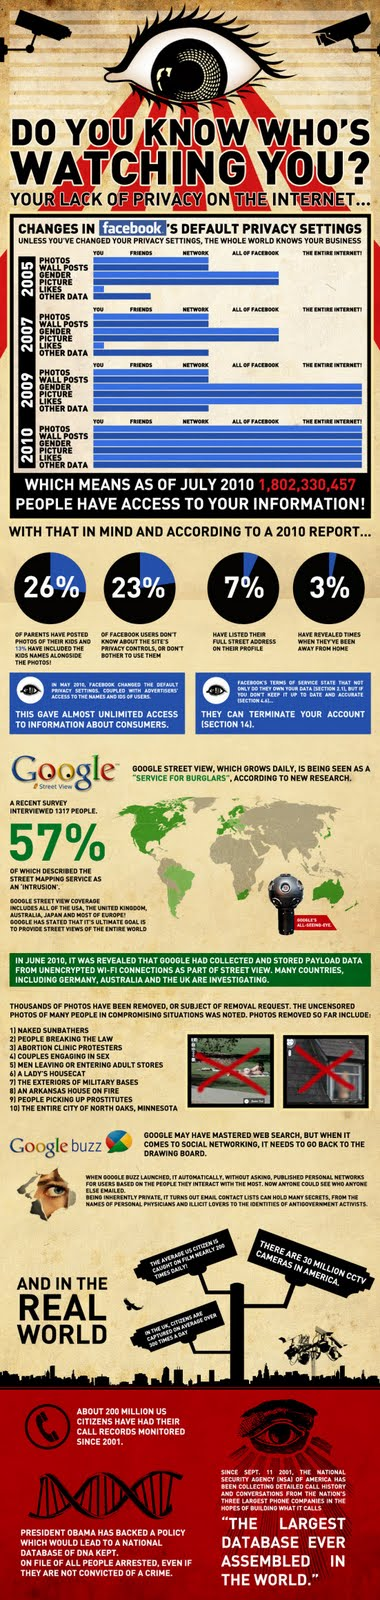 problemi di privacy e trattamento dei dati personali in internet. Ma tu lo sai chi ti sta guardando?